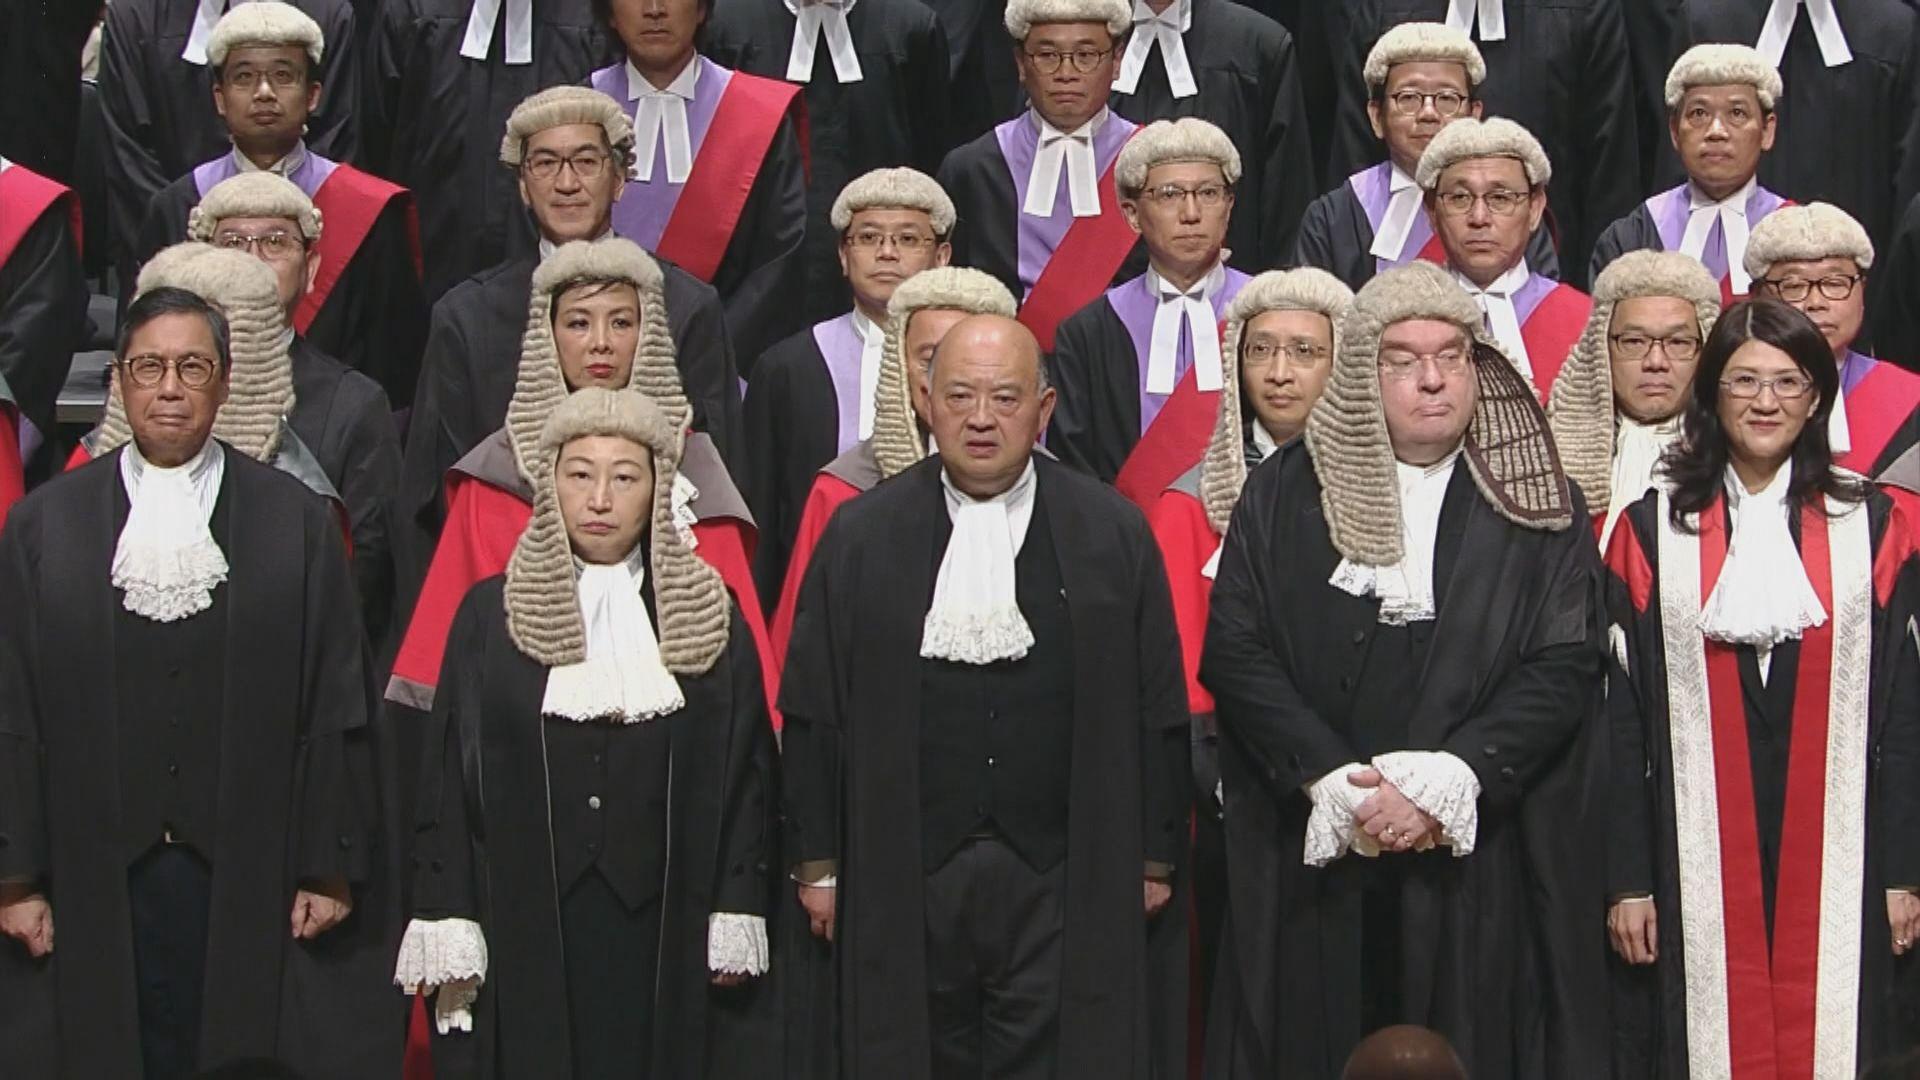 禁對法官等「起底」案 法官強調司法人員不受官員指導